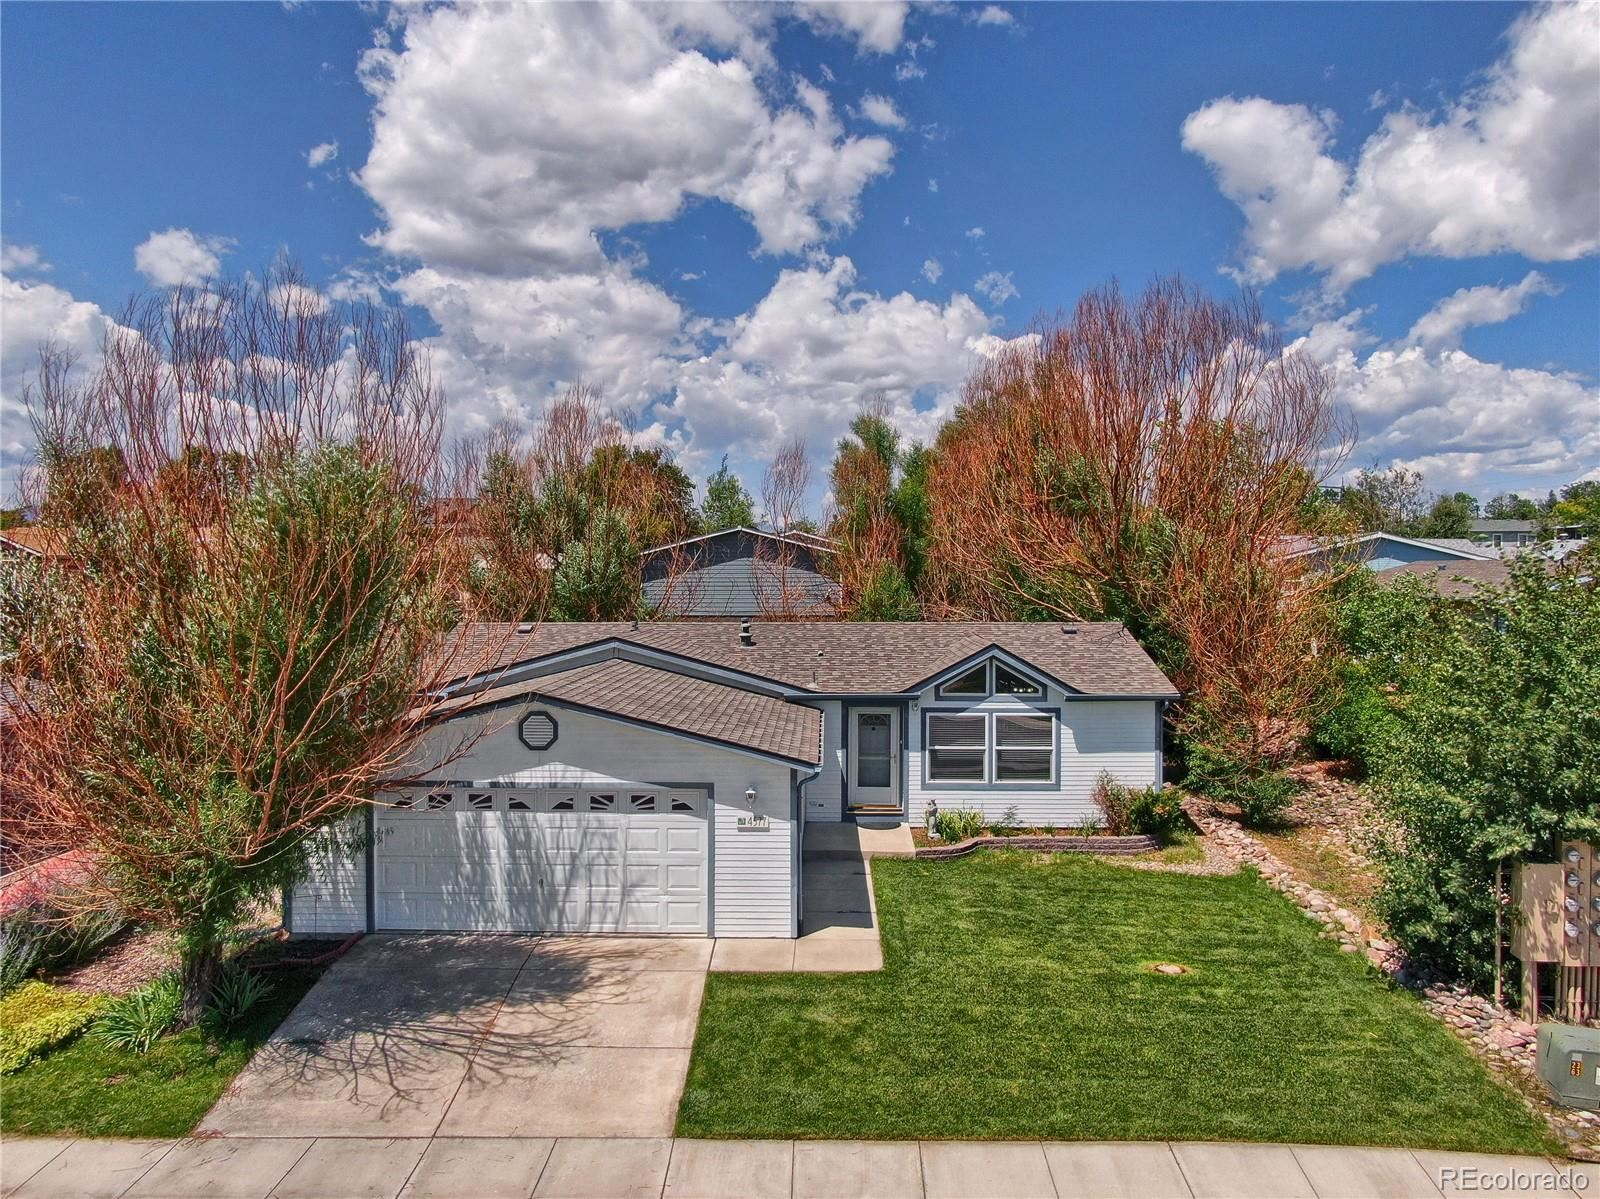 4577 Gray Fox Heights, Colorado Springs, CO 80922 - MLS#: 2417380